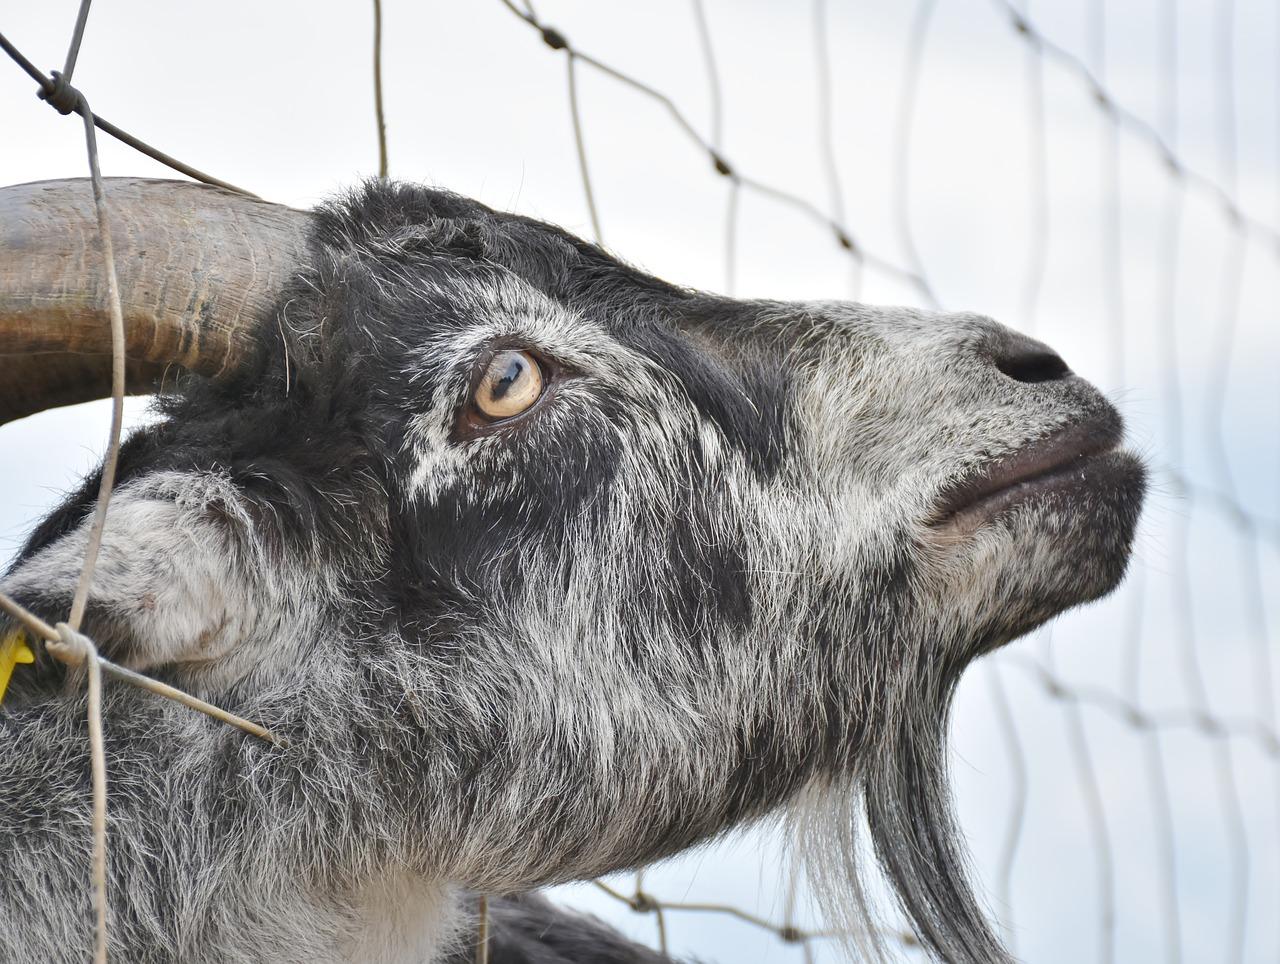 Goat horn dangers